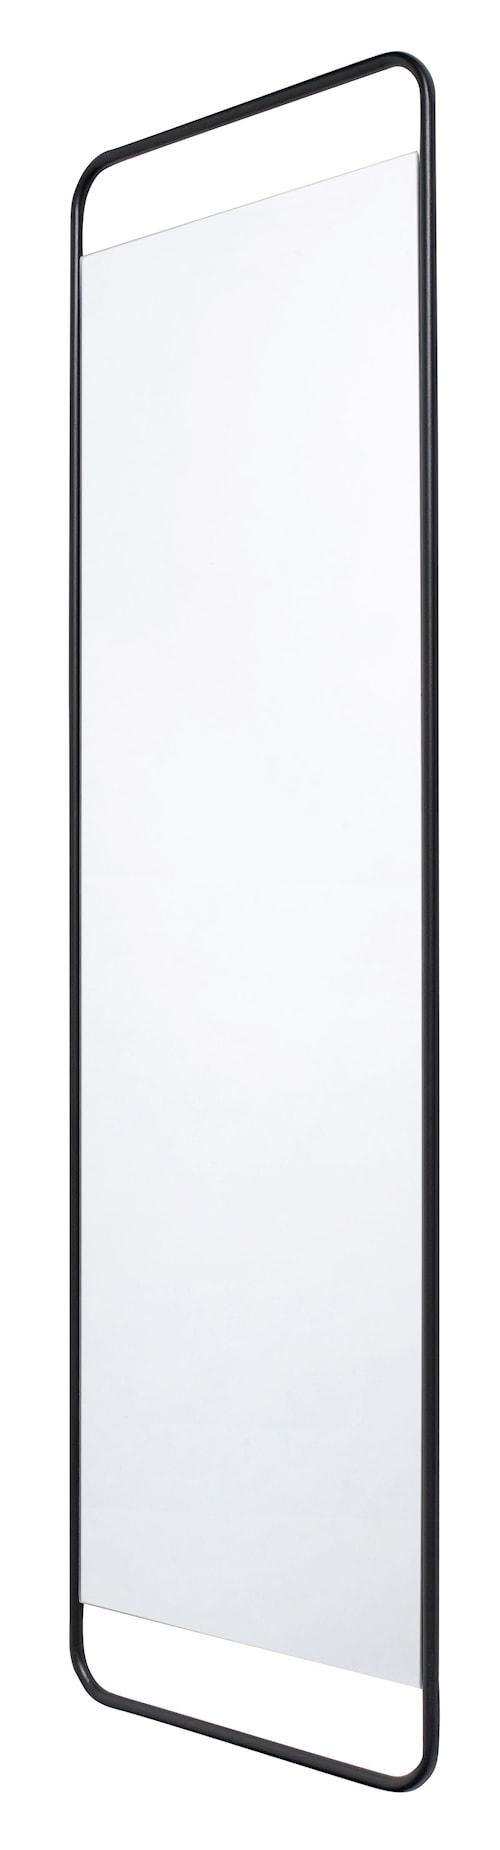 Copenhagen Väggspegel 49,5x166x1,5 cm